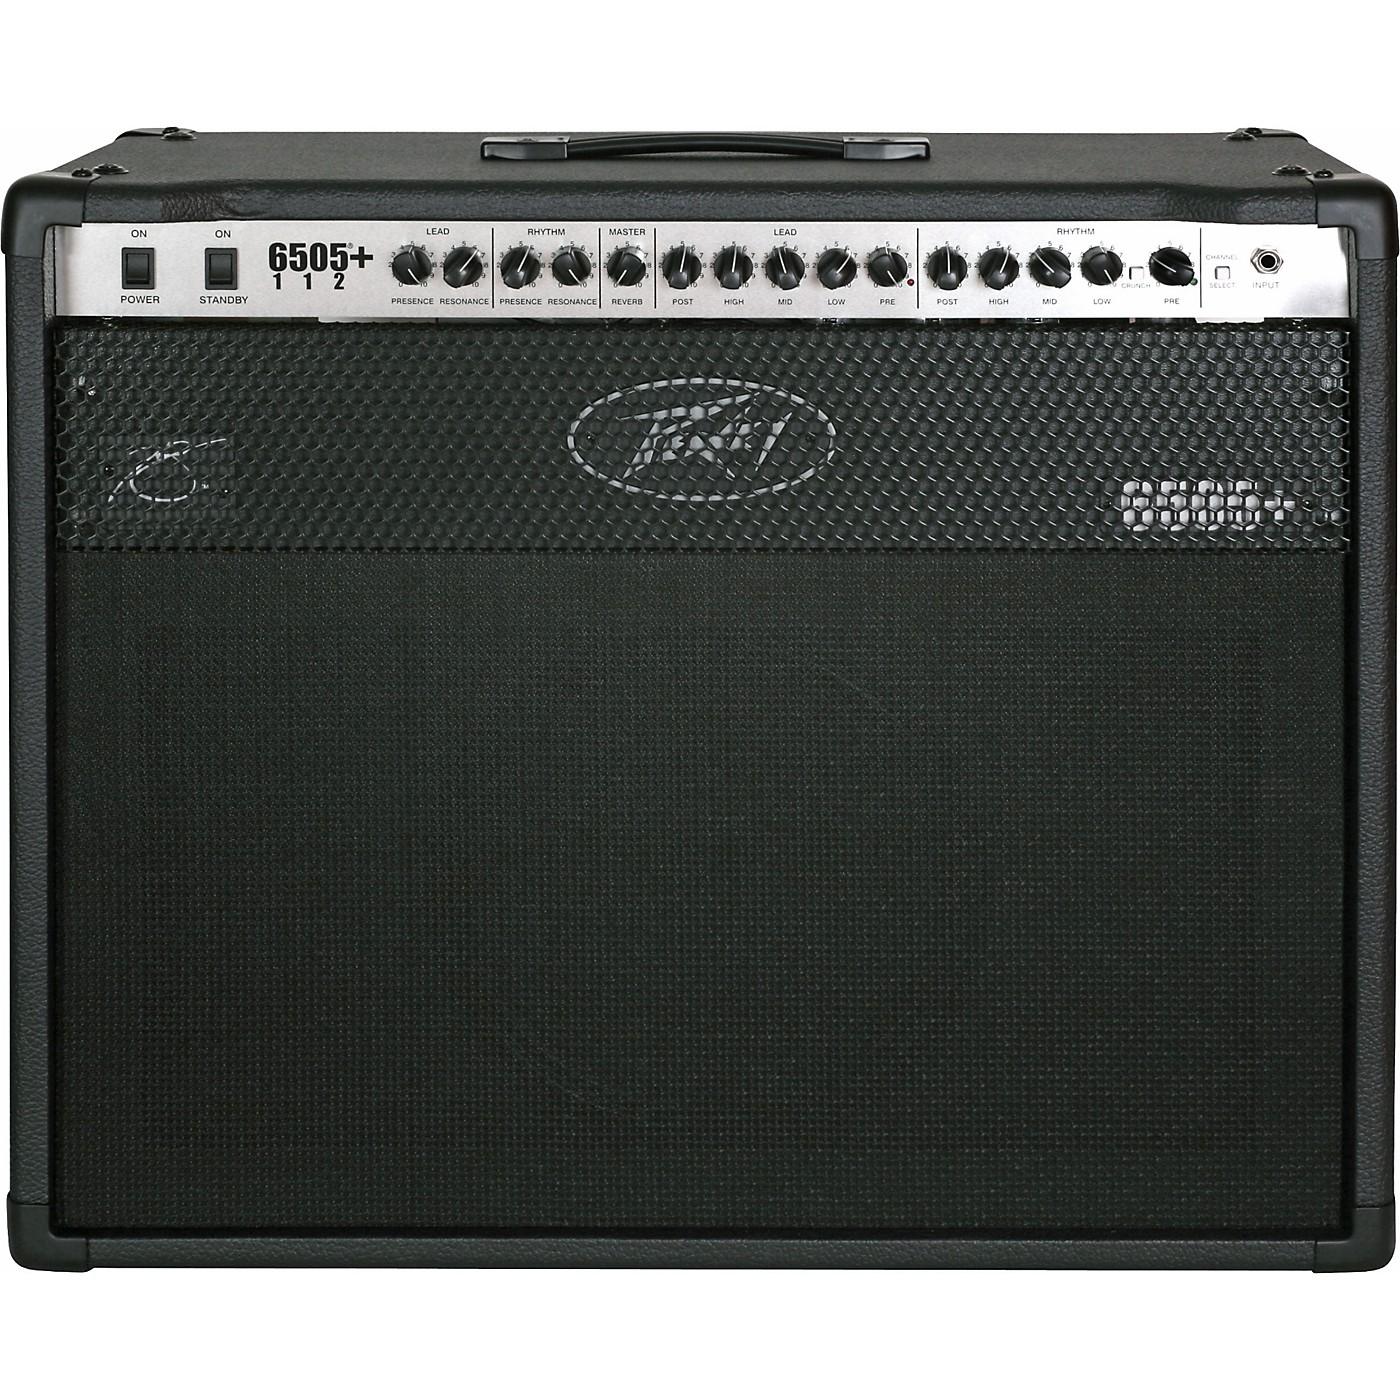 Peavey 6505+ 112 60W 1x12